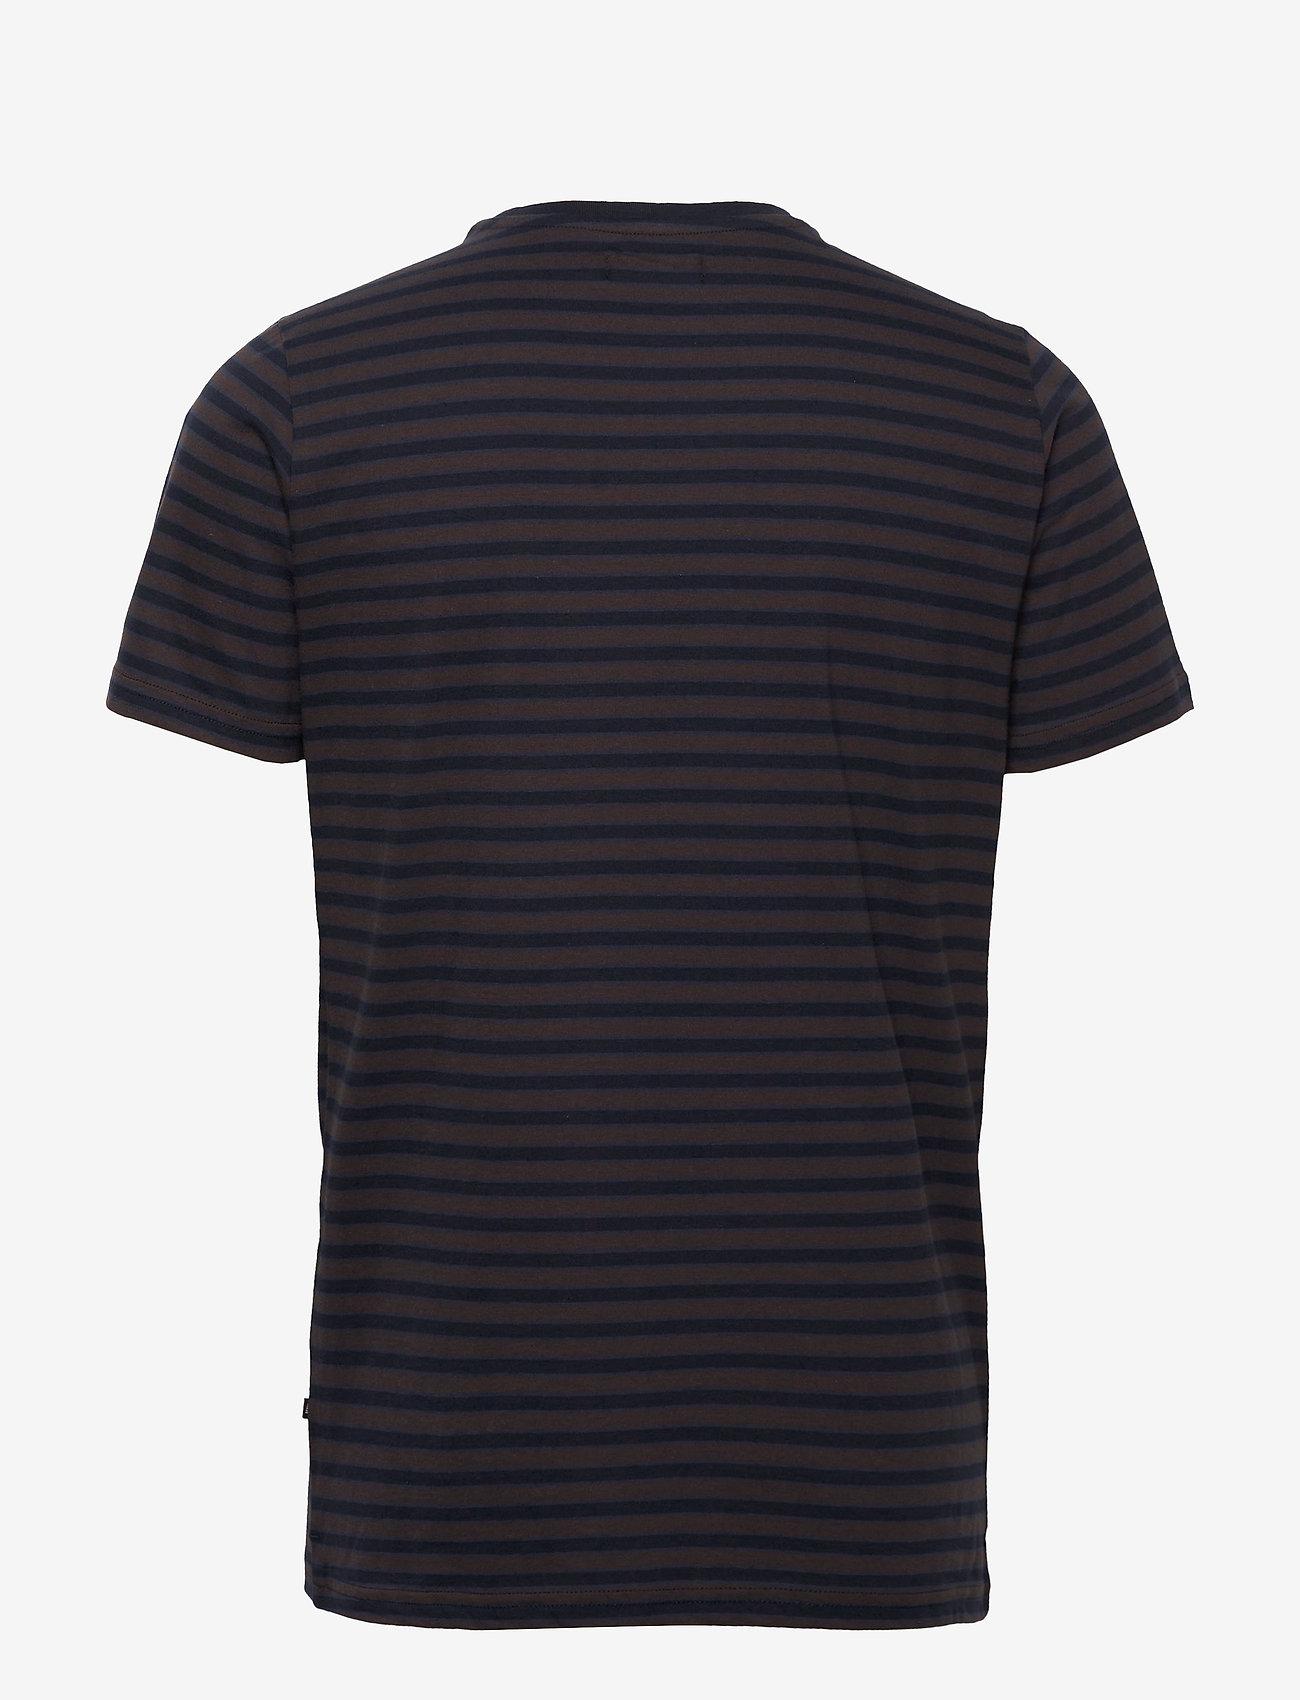 Matinique MAjermane - T-skjorter DARK BROWN - Menn Klær